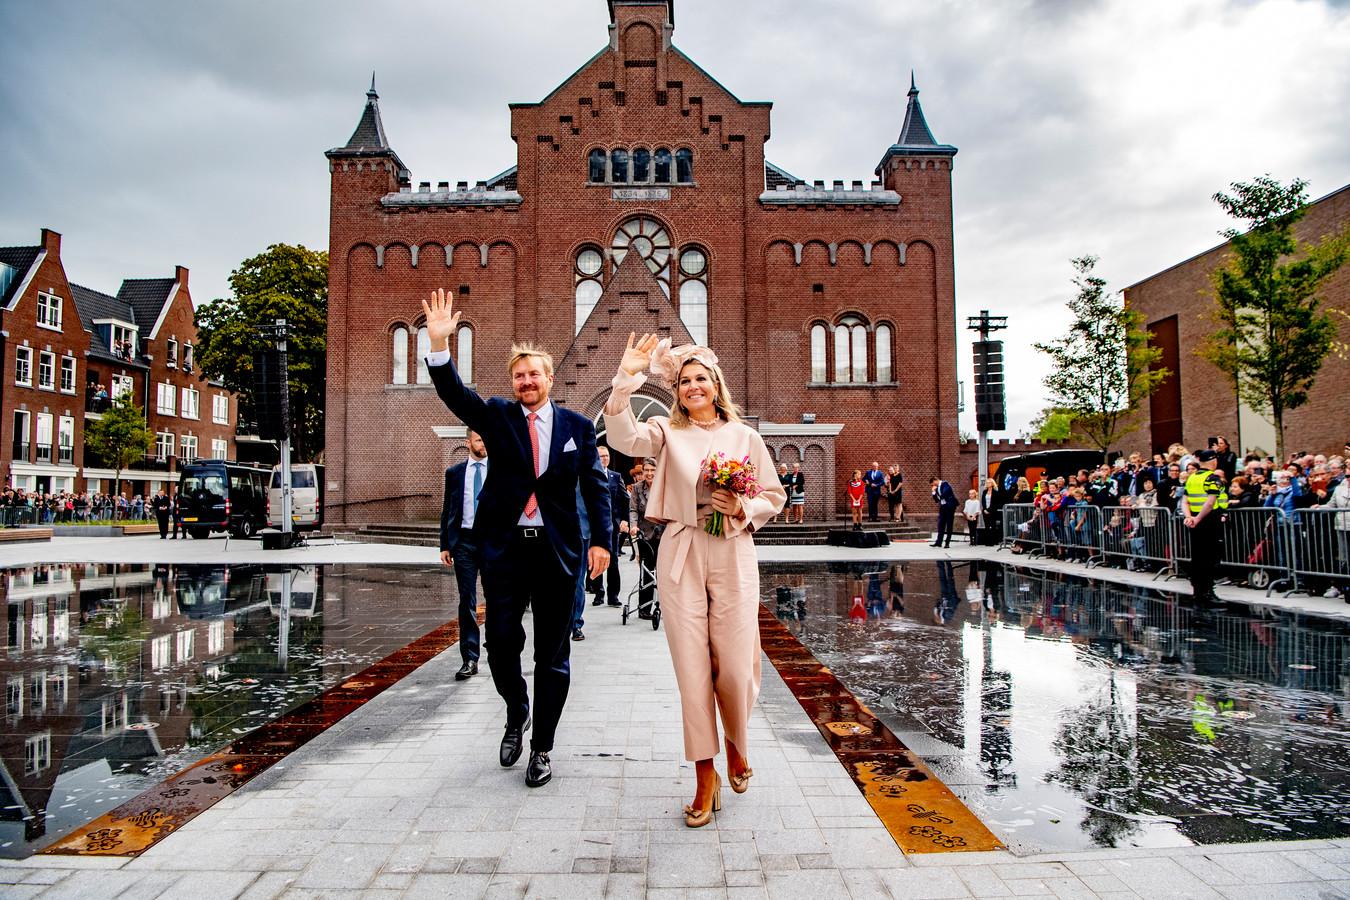 Koning Willem-Alexander en koningin Máxima zijn woensdag, daags na Prinsjesdag, in Hoogeveen begonnen aan een streekbezoek aan Zuidwest-Drenthe